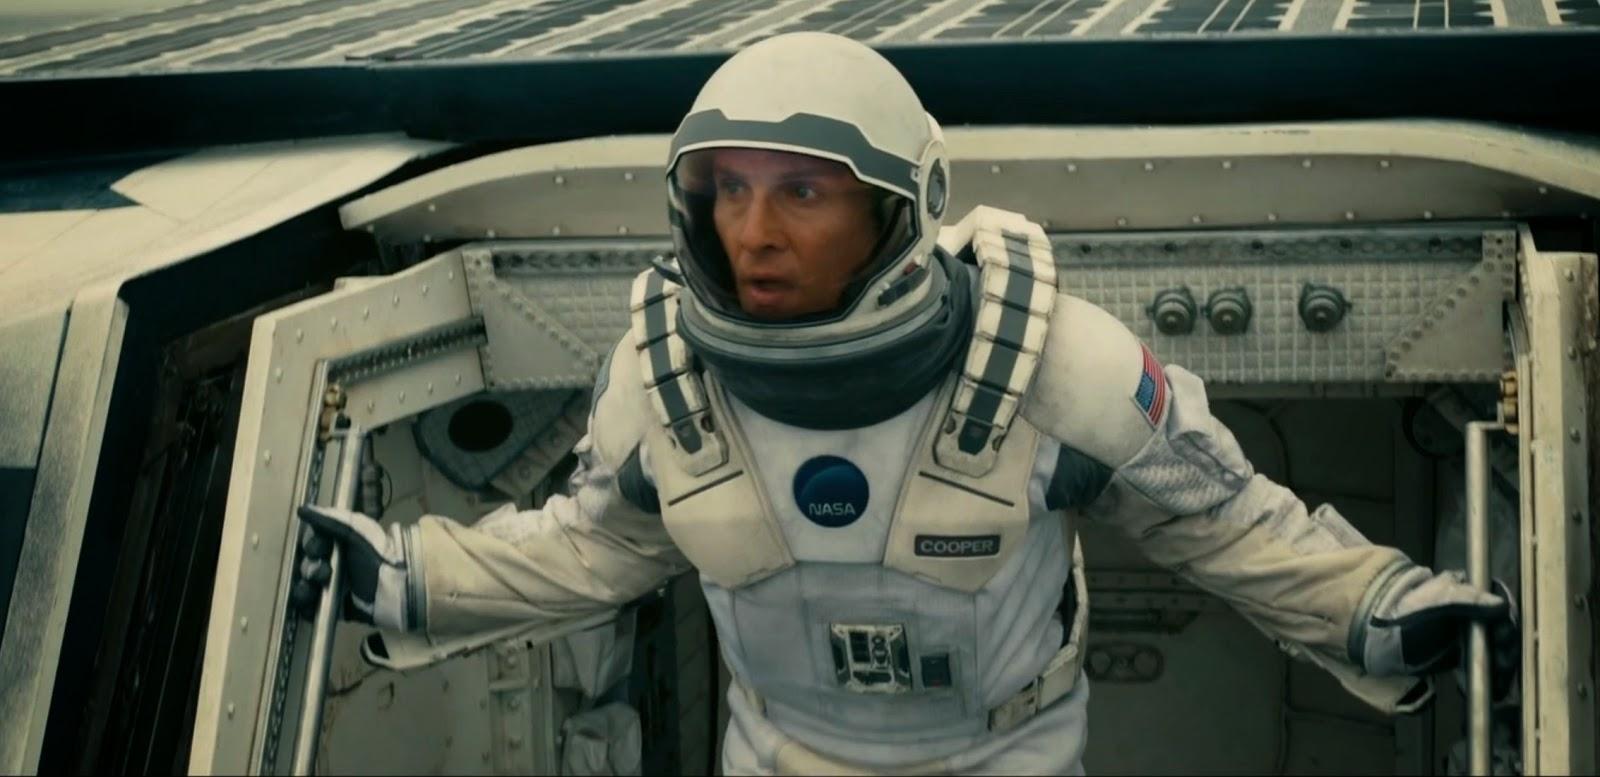 Interestelar | Matthew McConaughey no comercial estendido inédito da ficção cientifica de Christopher Nolan